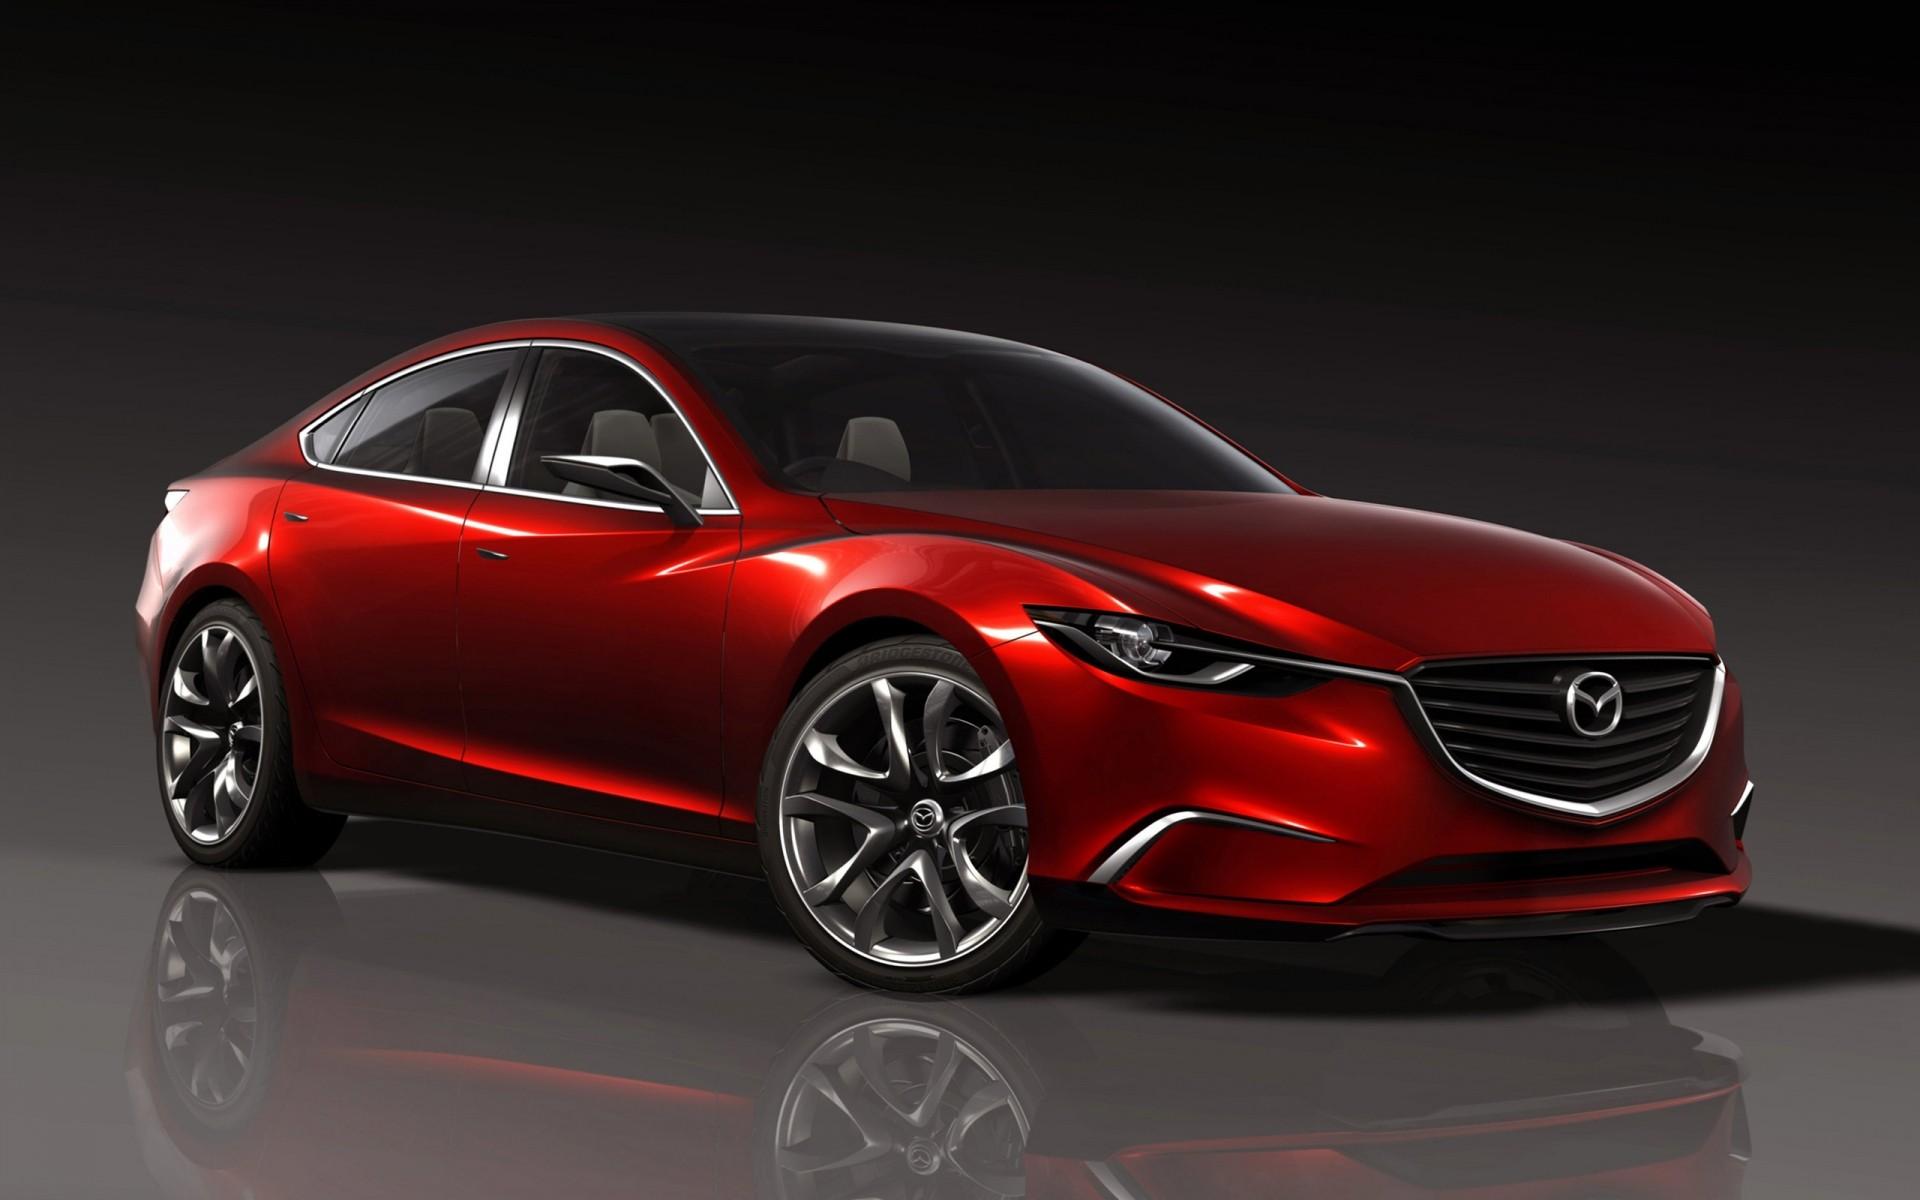 Новый автомобиль картинка